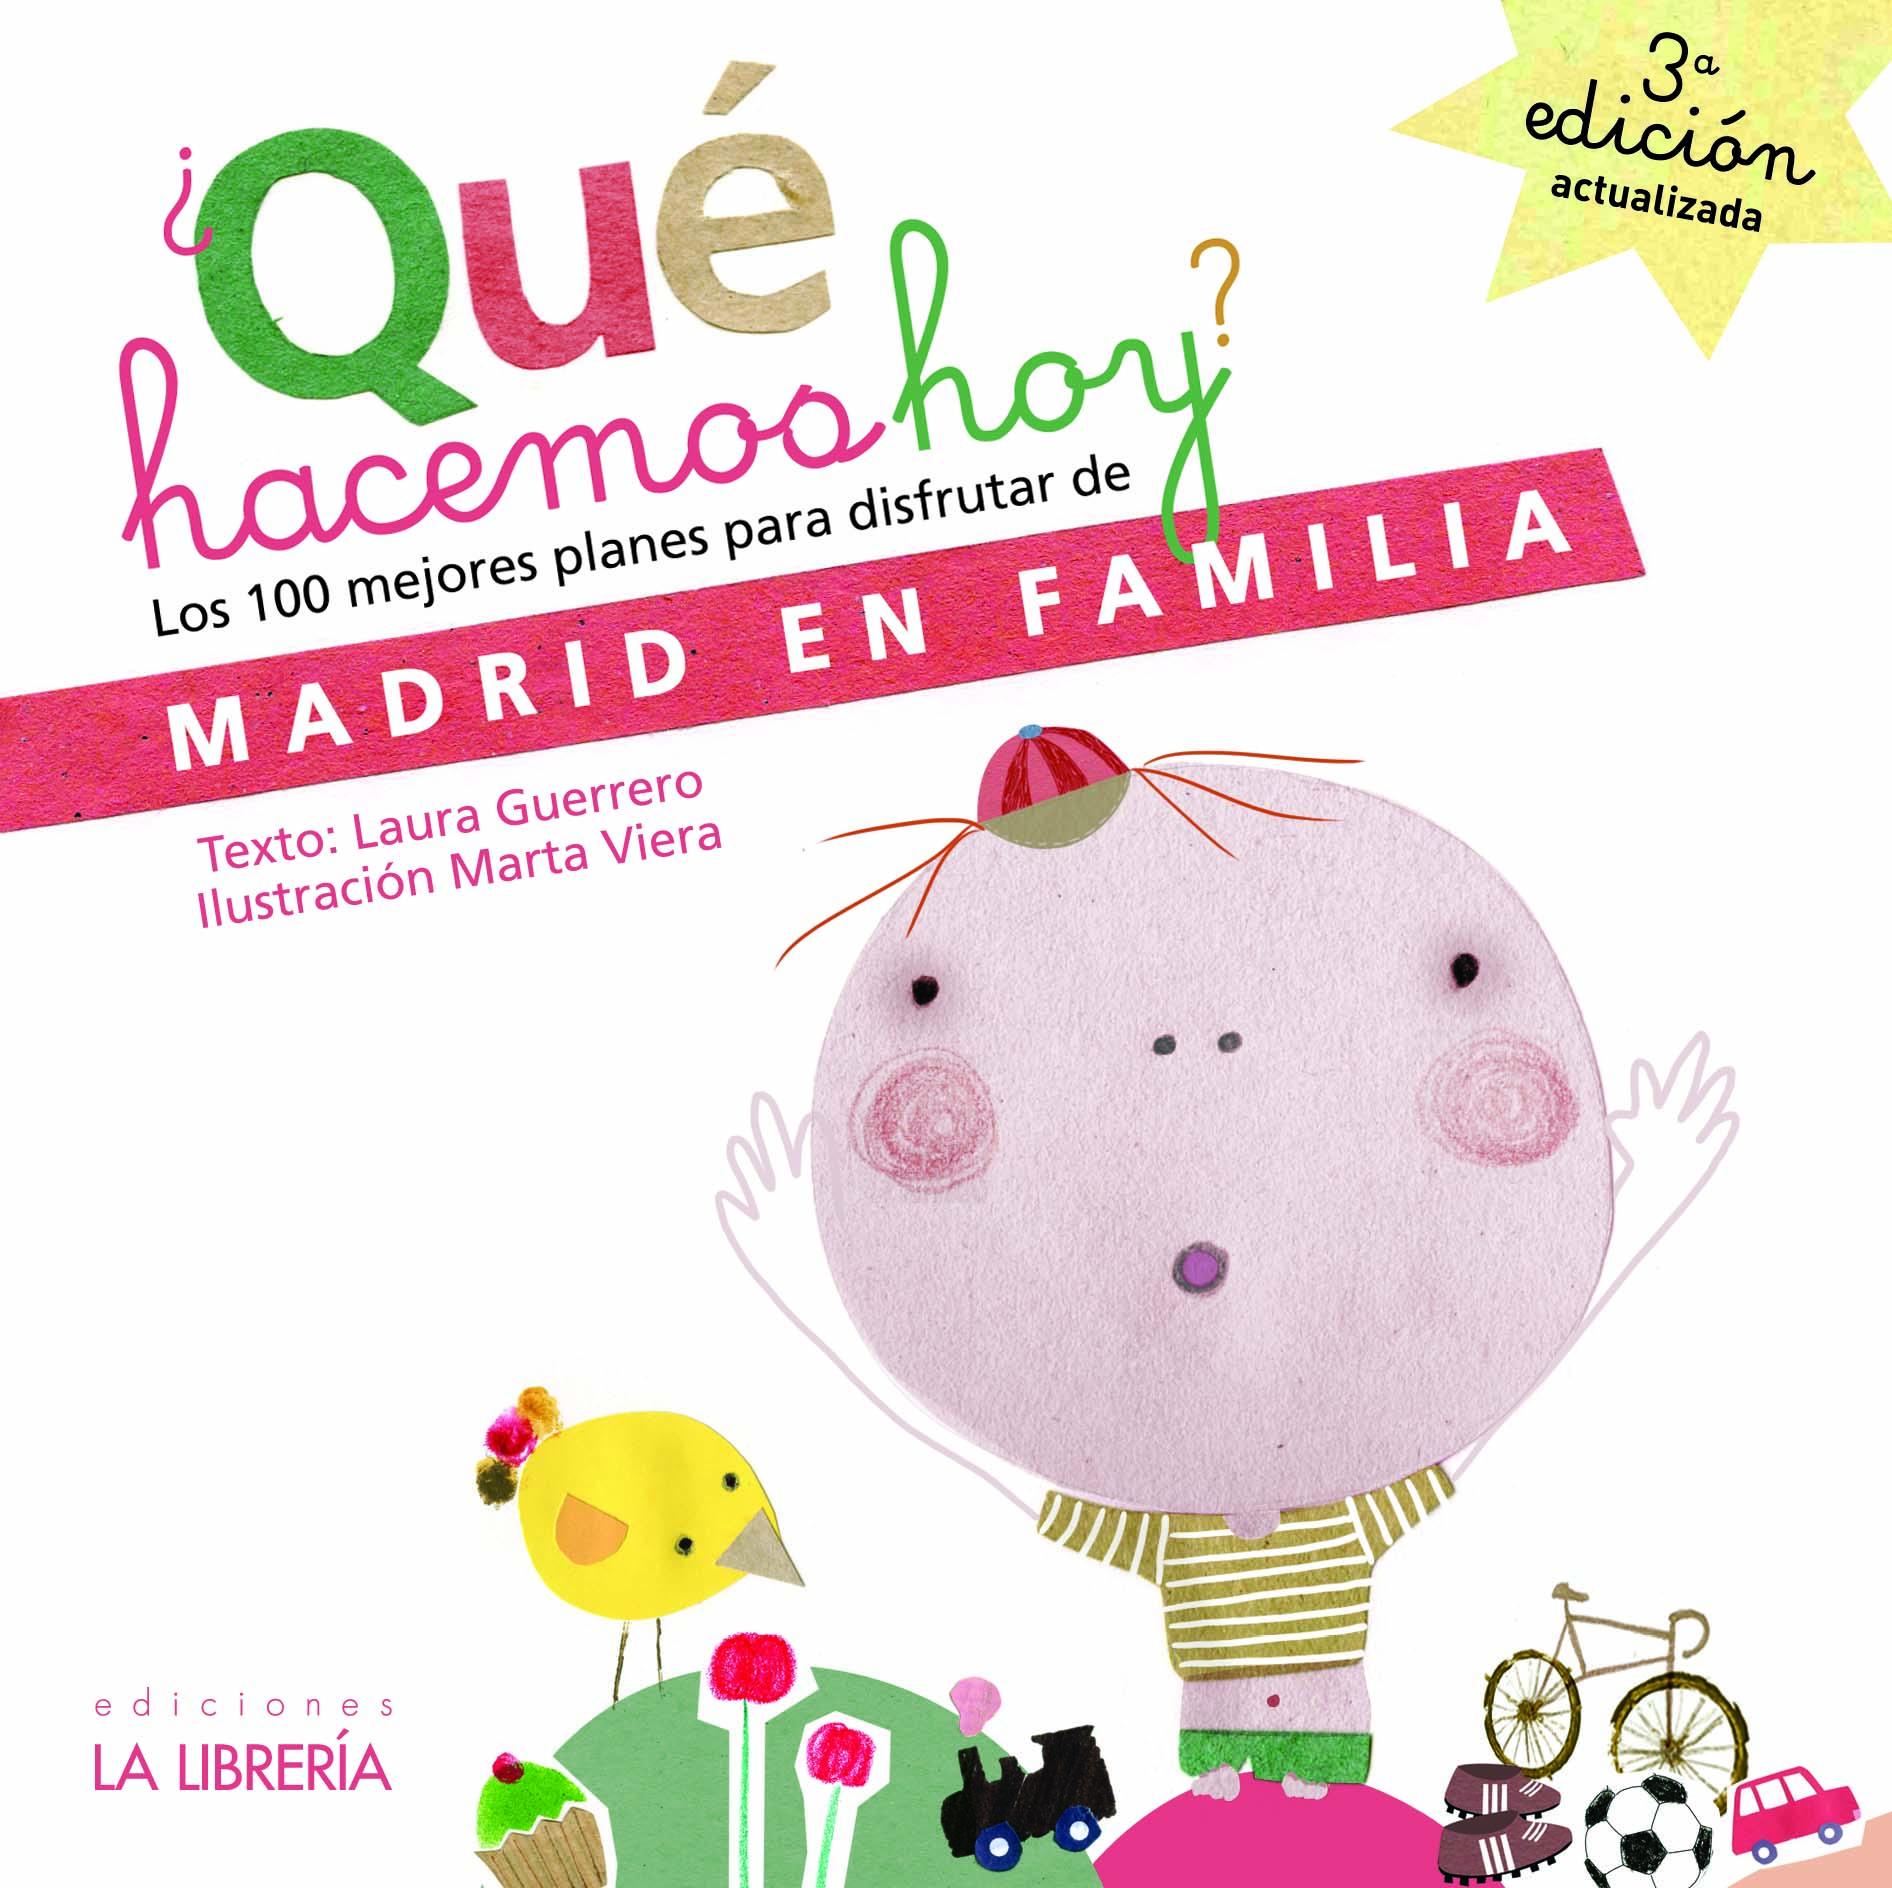 Recomendamos: ¿Qué hacemos hoy? Los 100 mejores para disfrutar de Madrid en familia